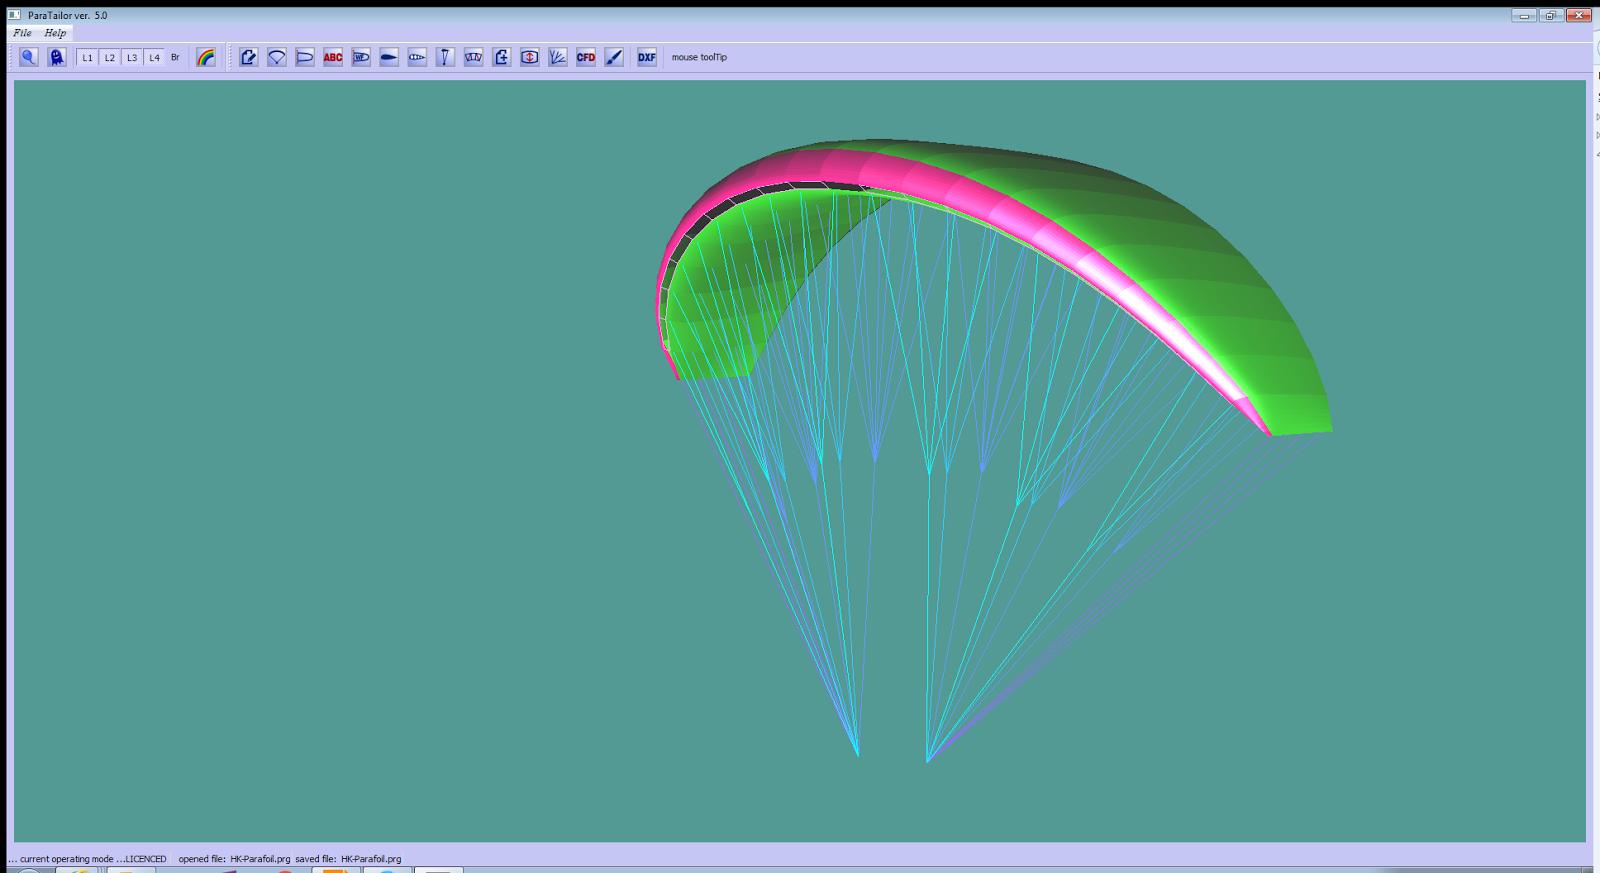 Paraglider Wing Design Software